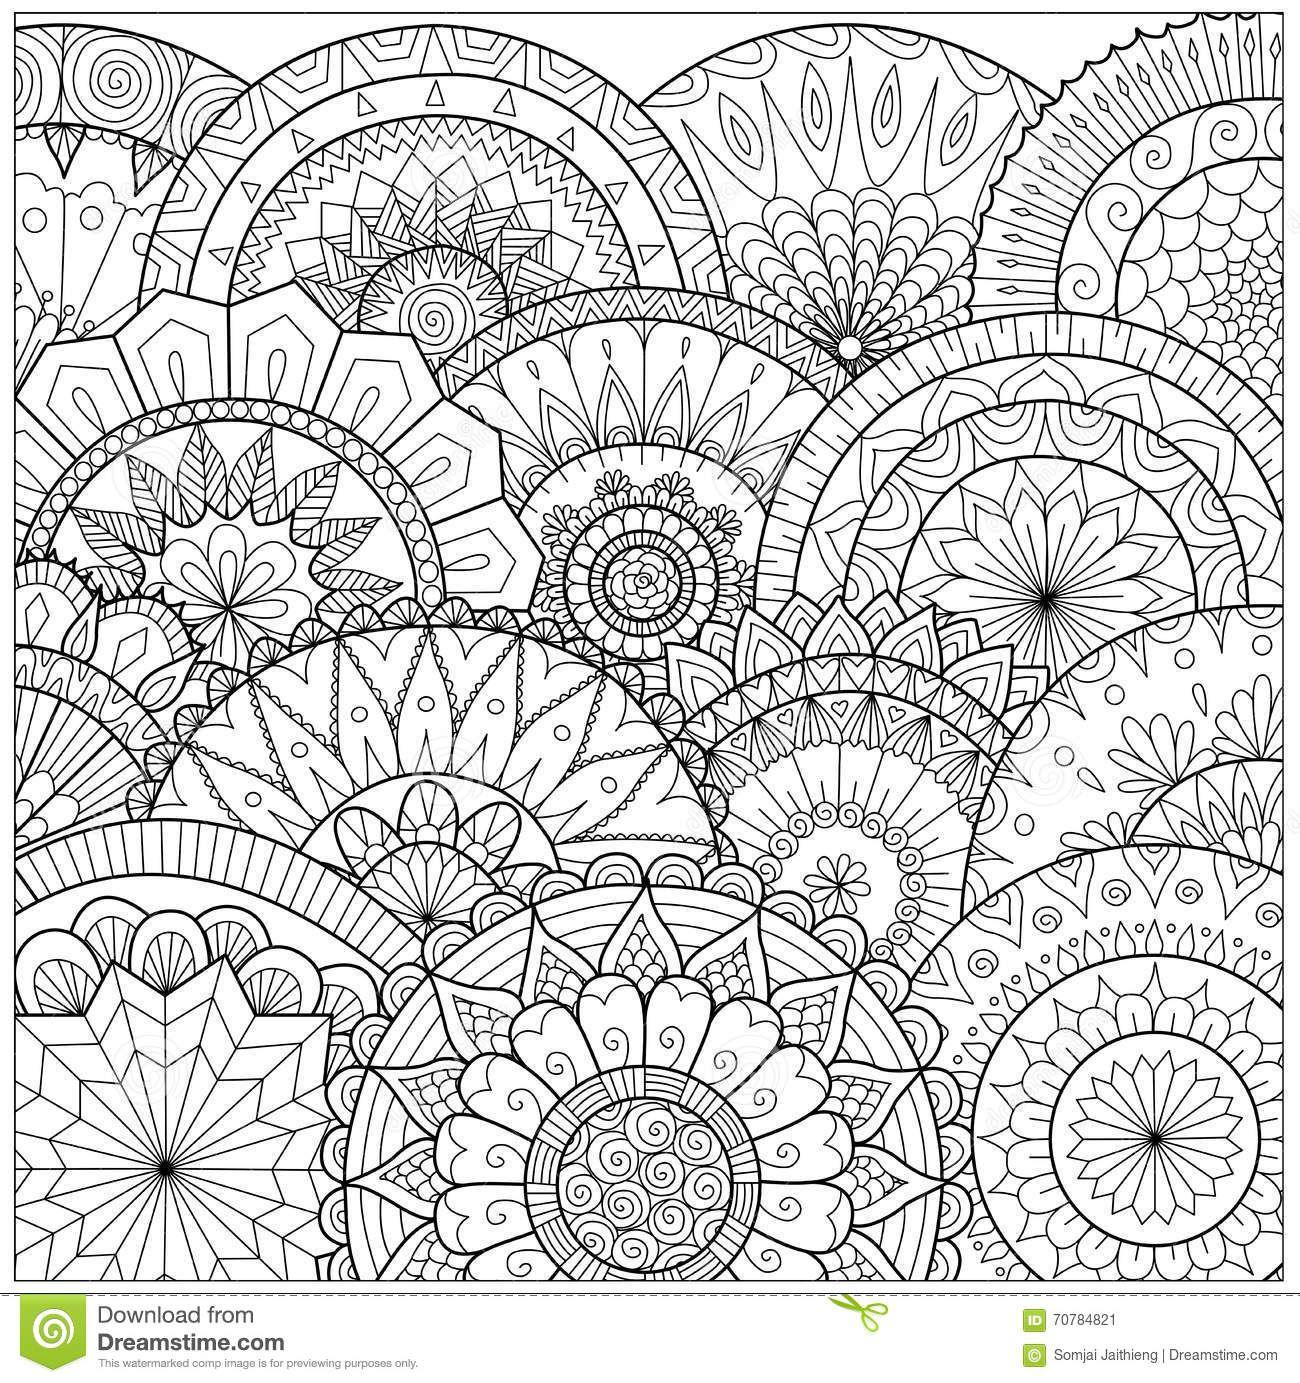 Pin de ikukochka en Coloriages   Pinterest   Mandalas